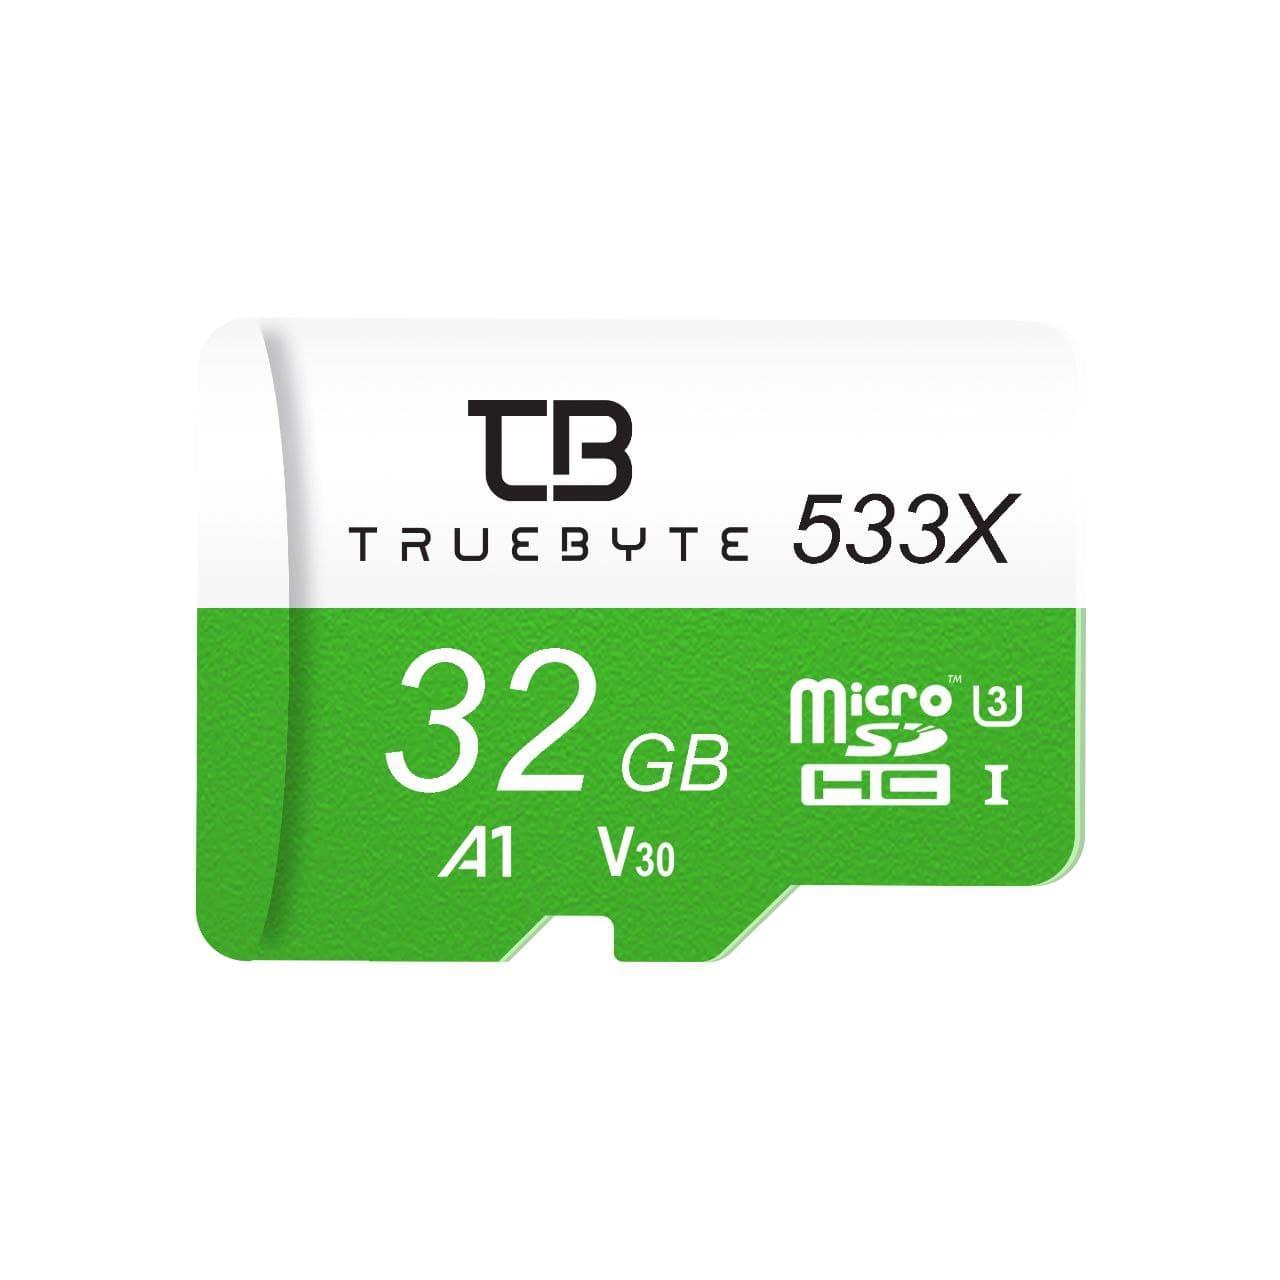 کارت حافظه microSD HC تروبایت مدل 533X-A1-V30 کلاس 10 استاندارد UHS-I U3 سرعت 85MBps ظرفیت 32 گیگابایت